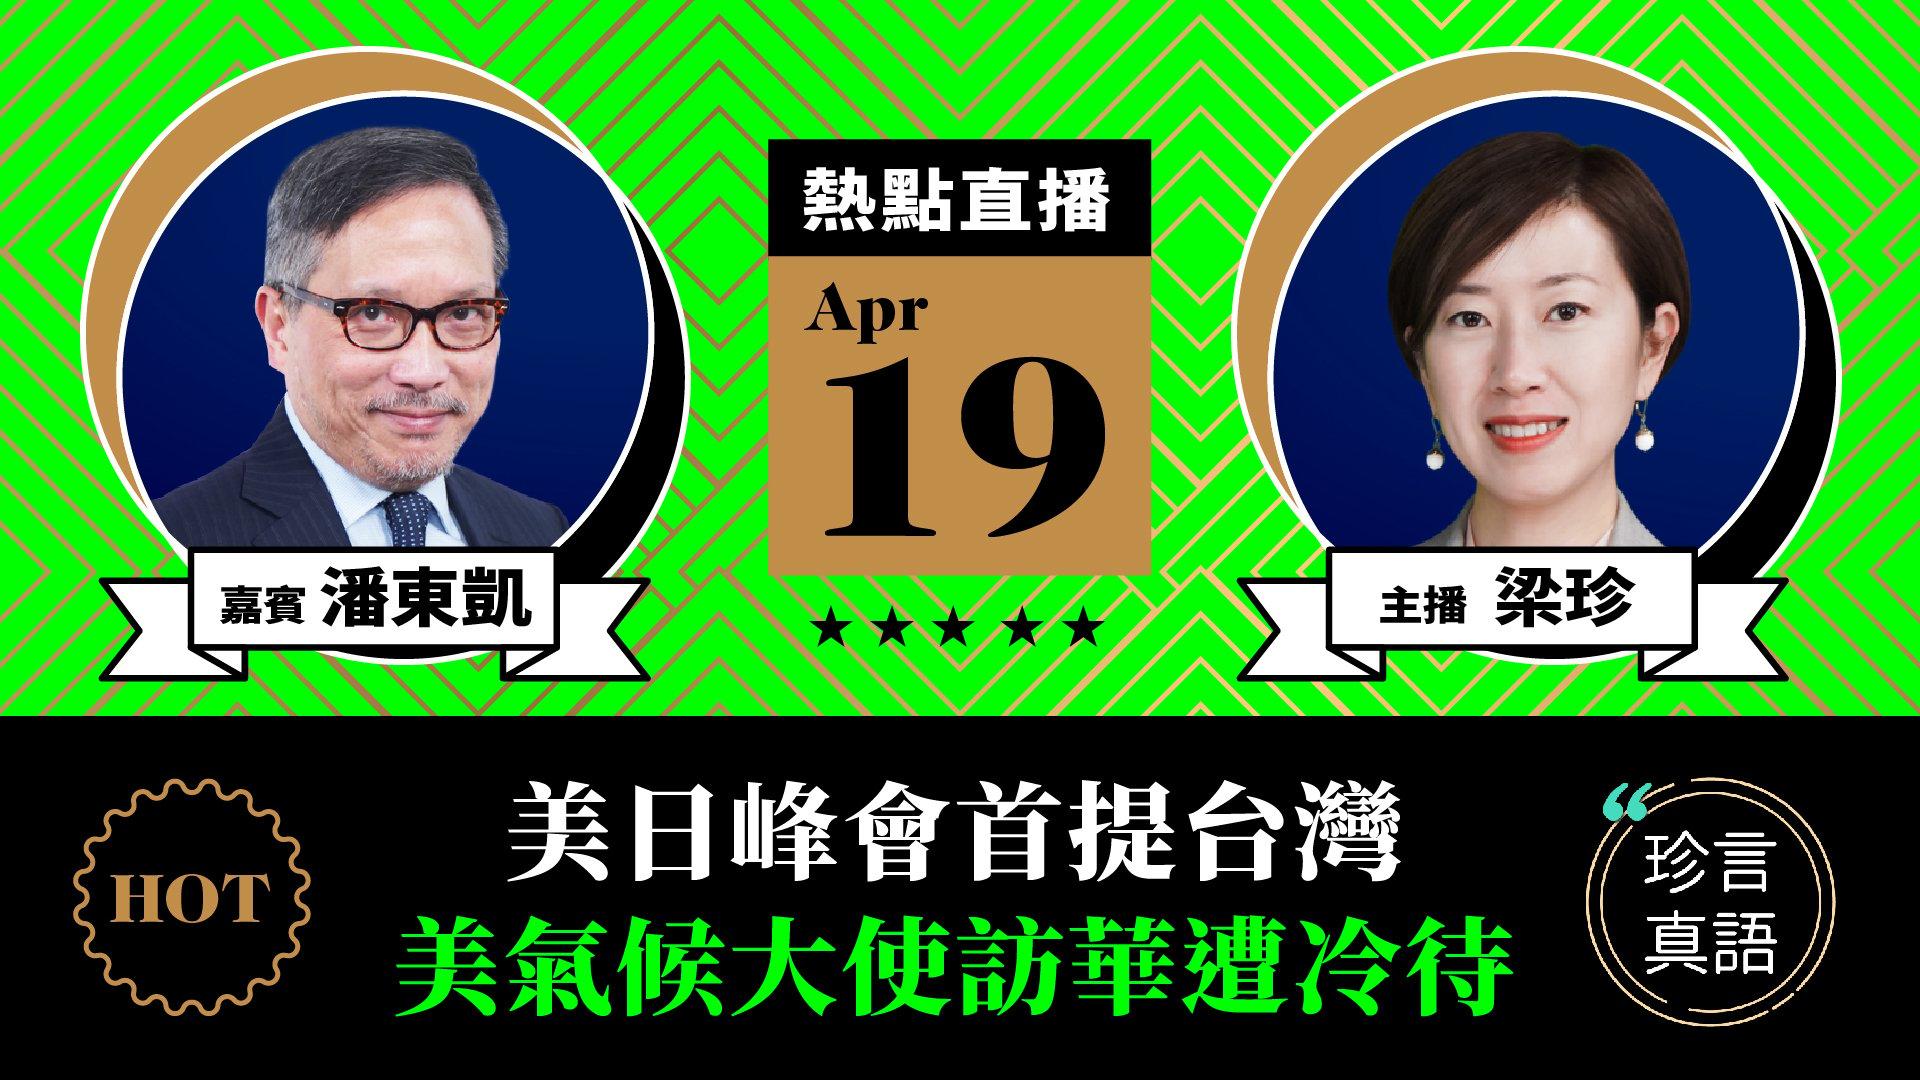 【珍言真語】潘東凱:美日峰會首提台灣,美氣候大使訪華遭冷待。(大紀元製圖)